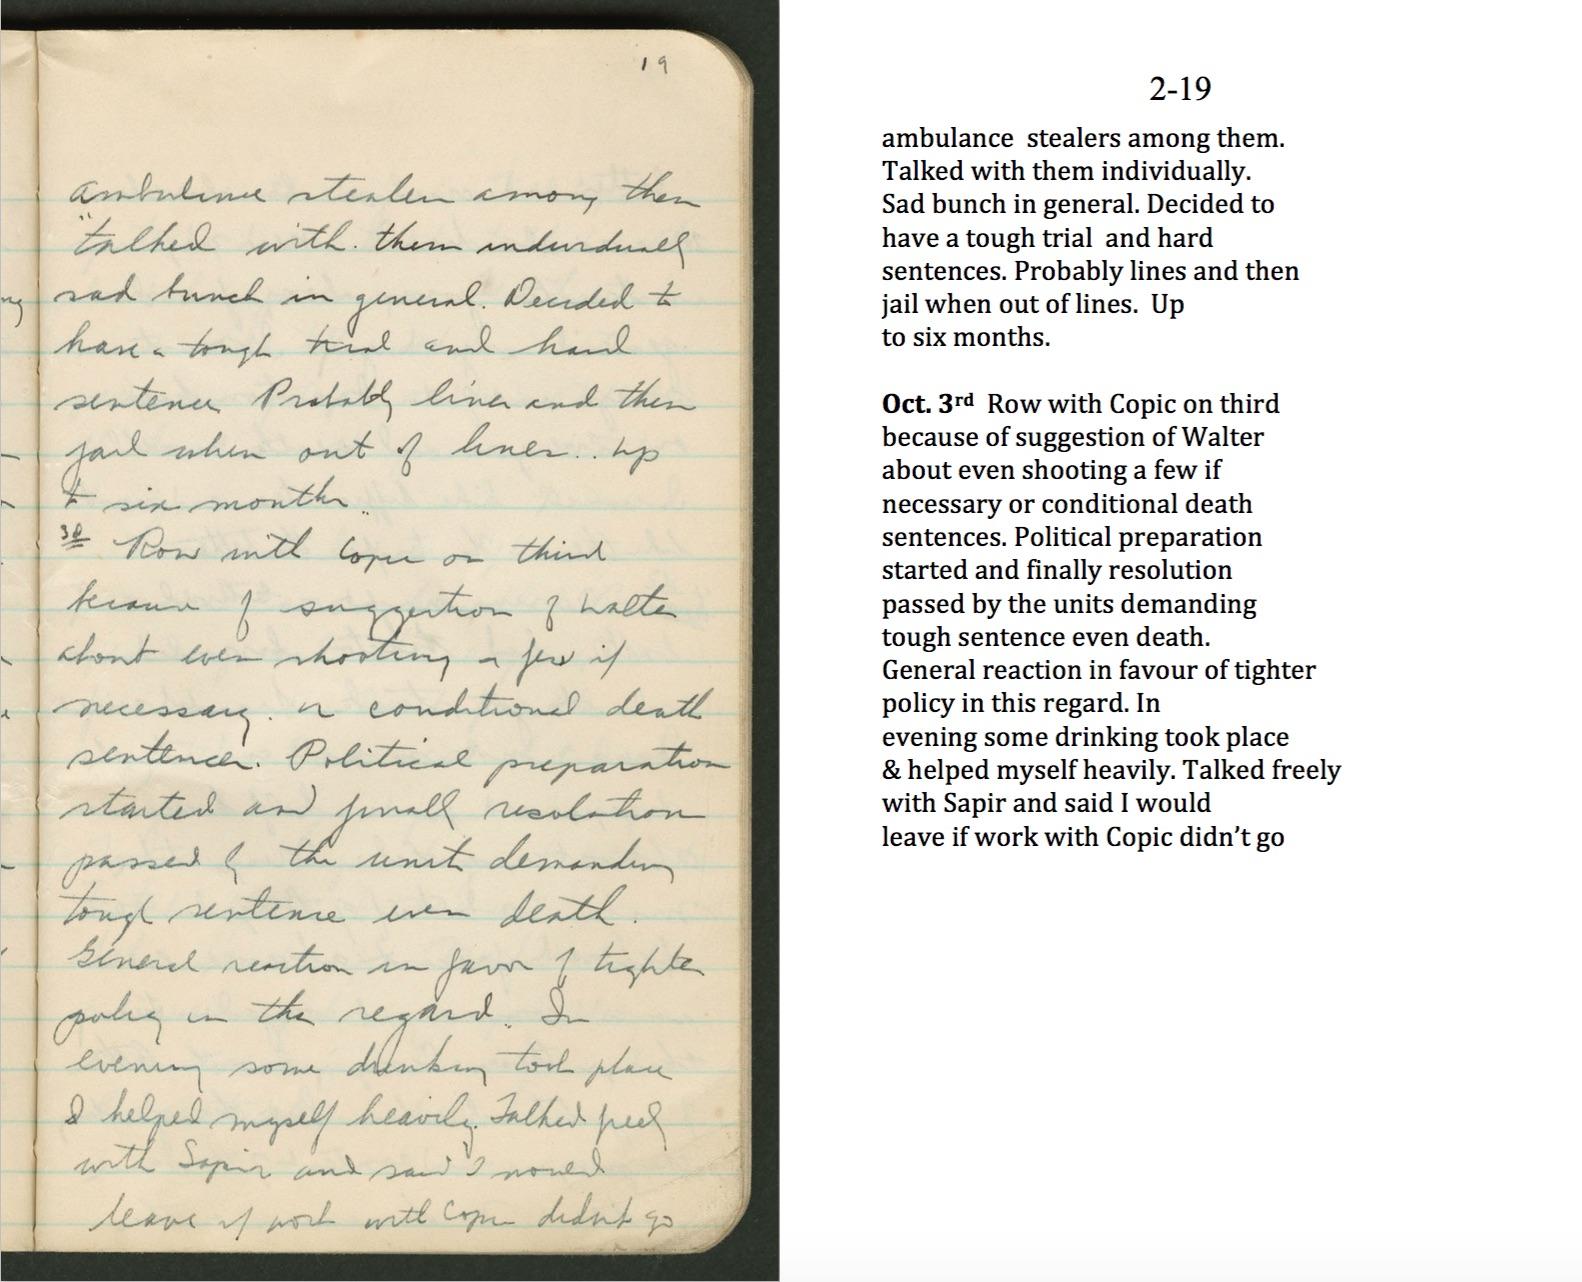 Oct 2, 1937